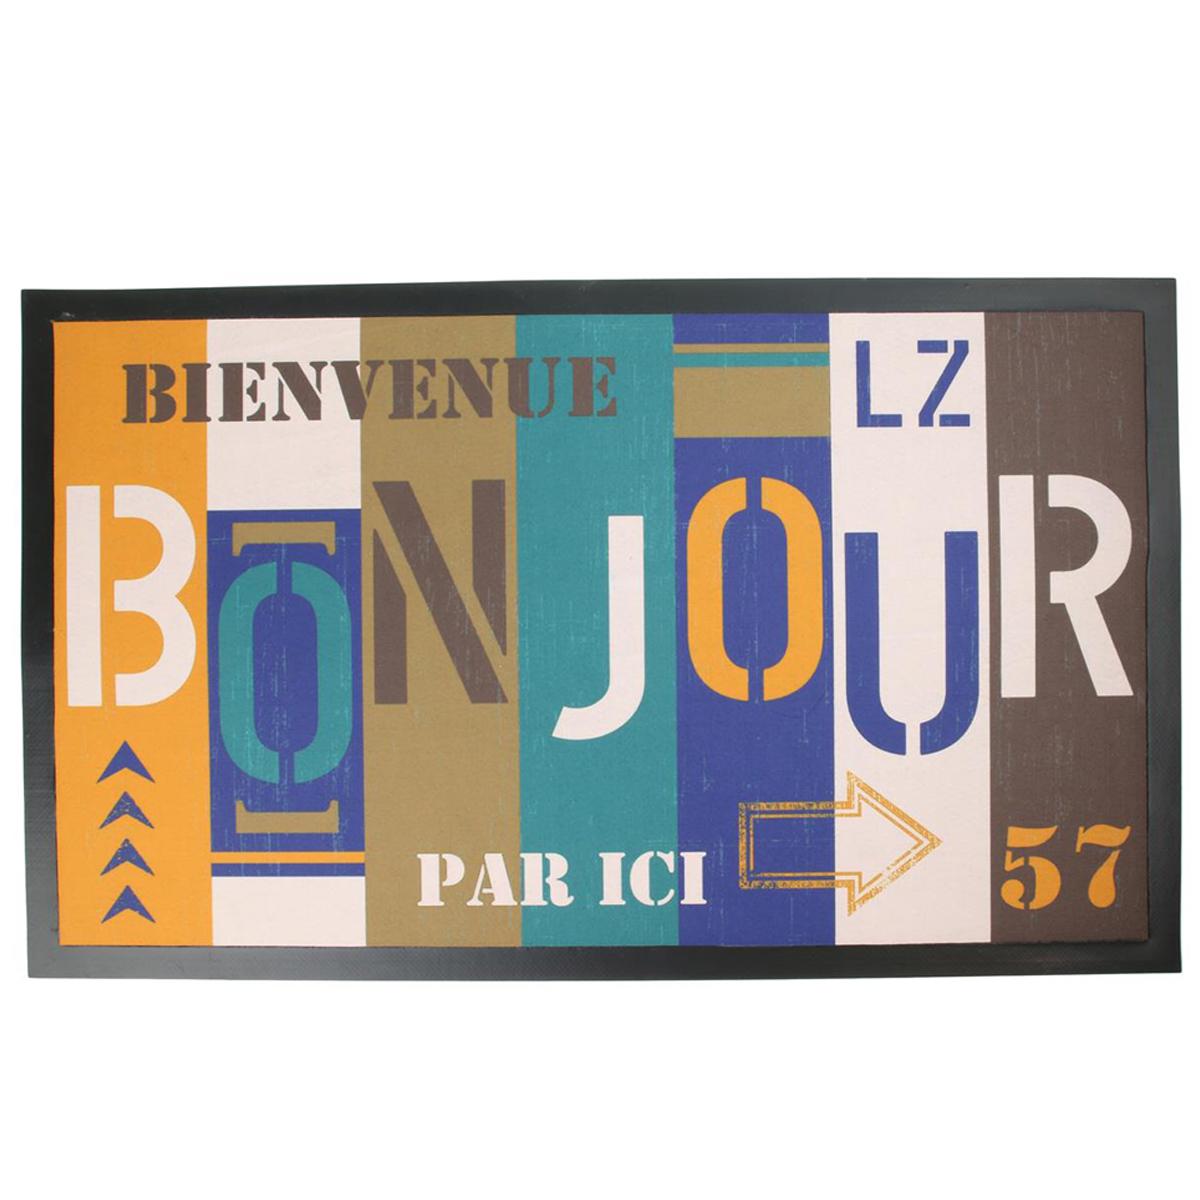 Tapis intérieur \'Messages\' multicolore (Bienvenue, bonjour, par ici) - 45x75 cm - [Q5854]